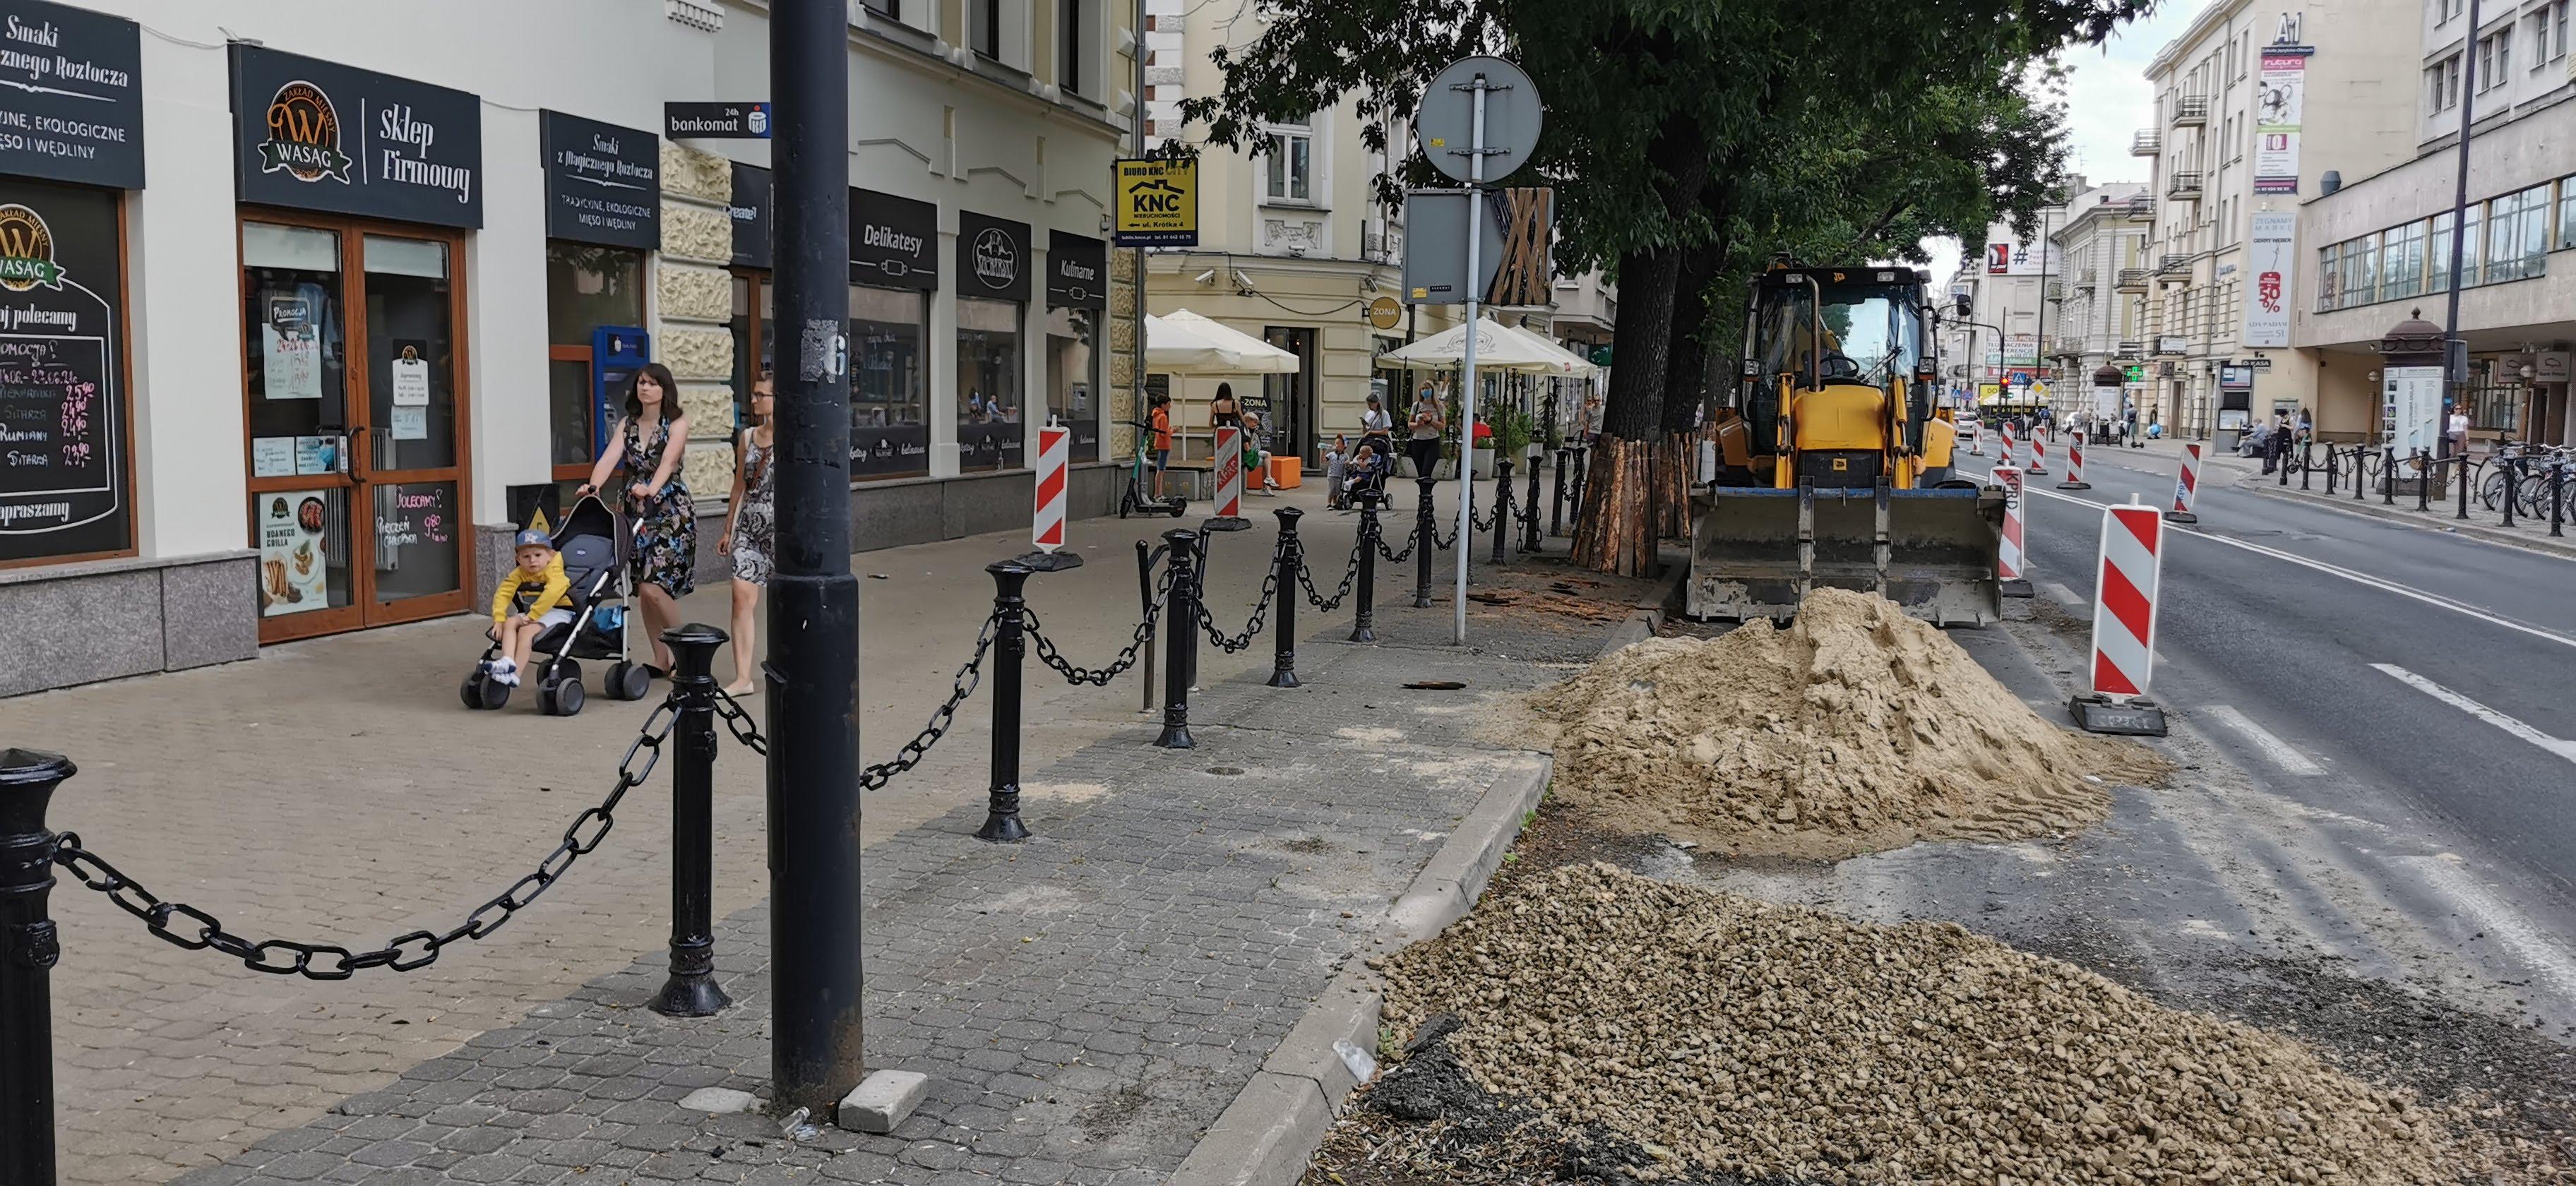 Lublin: ekolodzy i mieszkańcy chcą więcej zieleni w centrum miasta - Zdjęcie główne